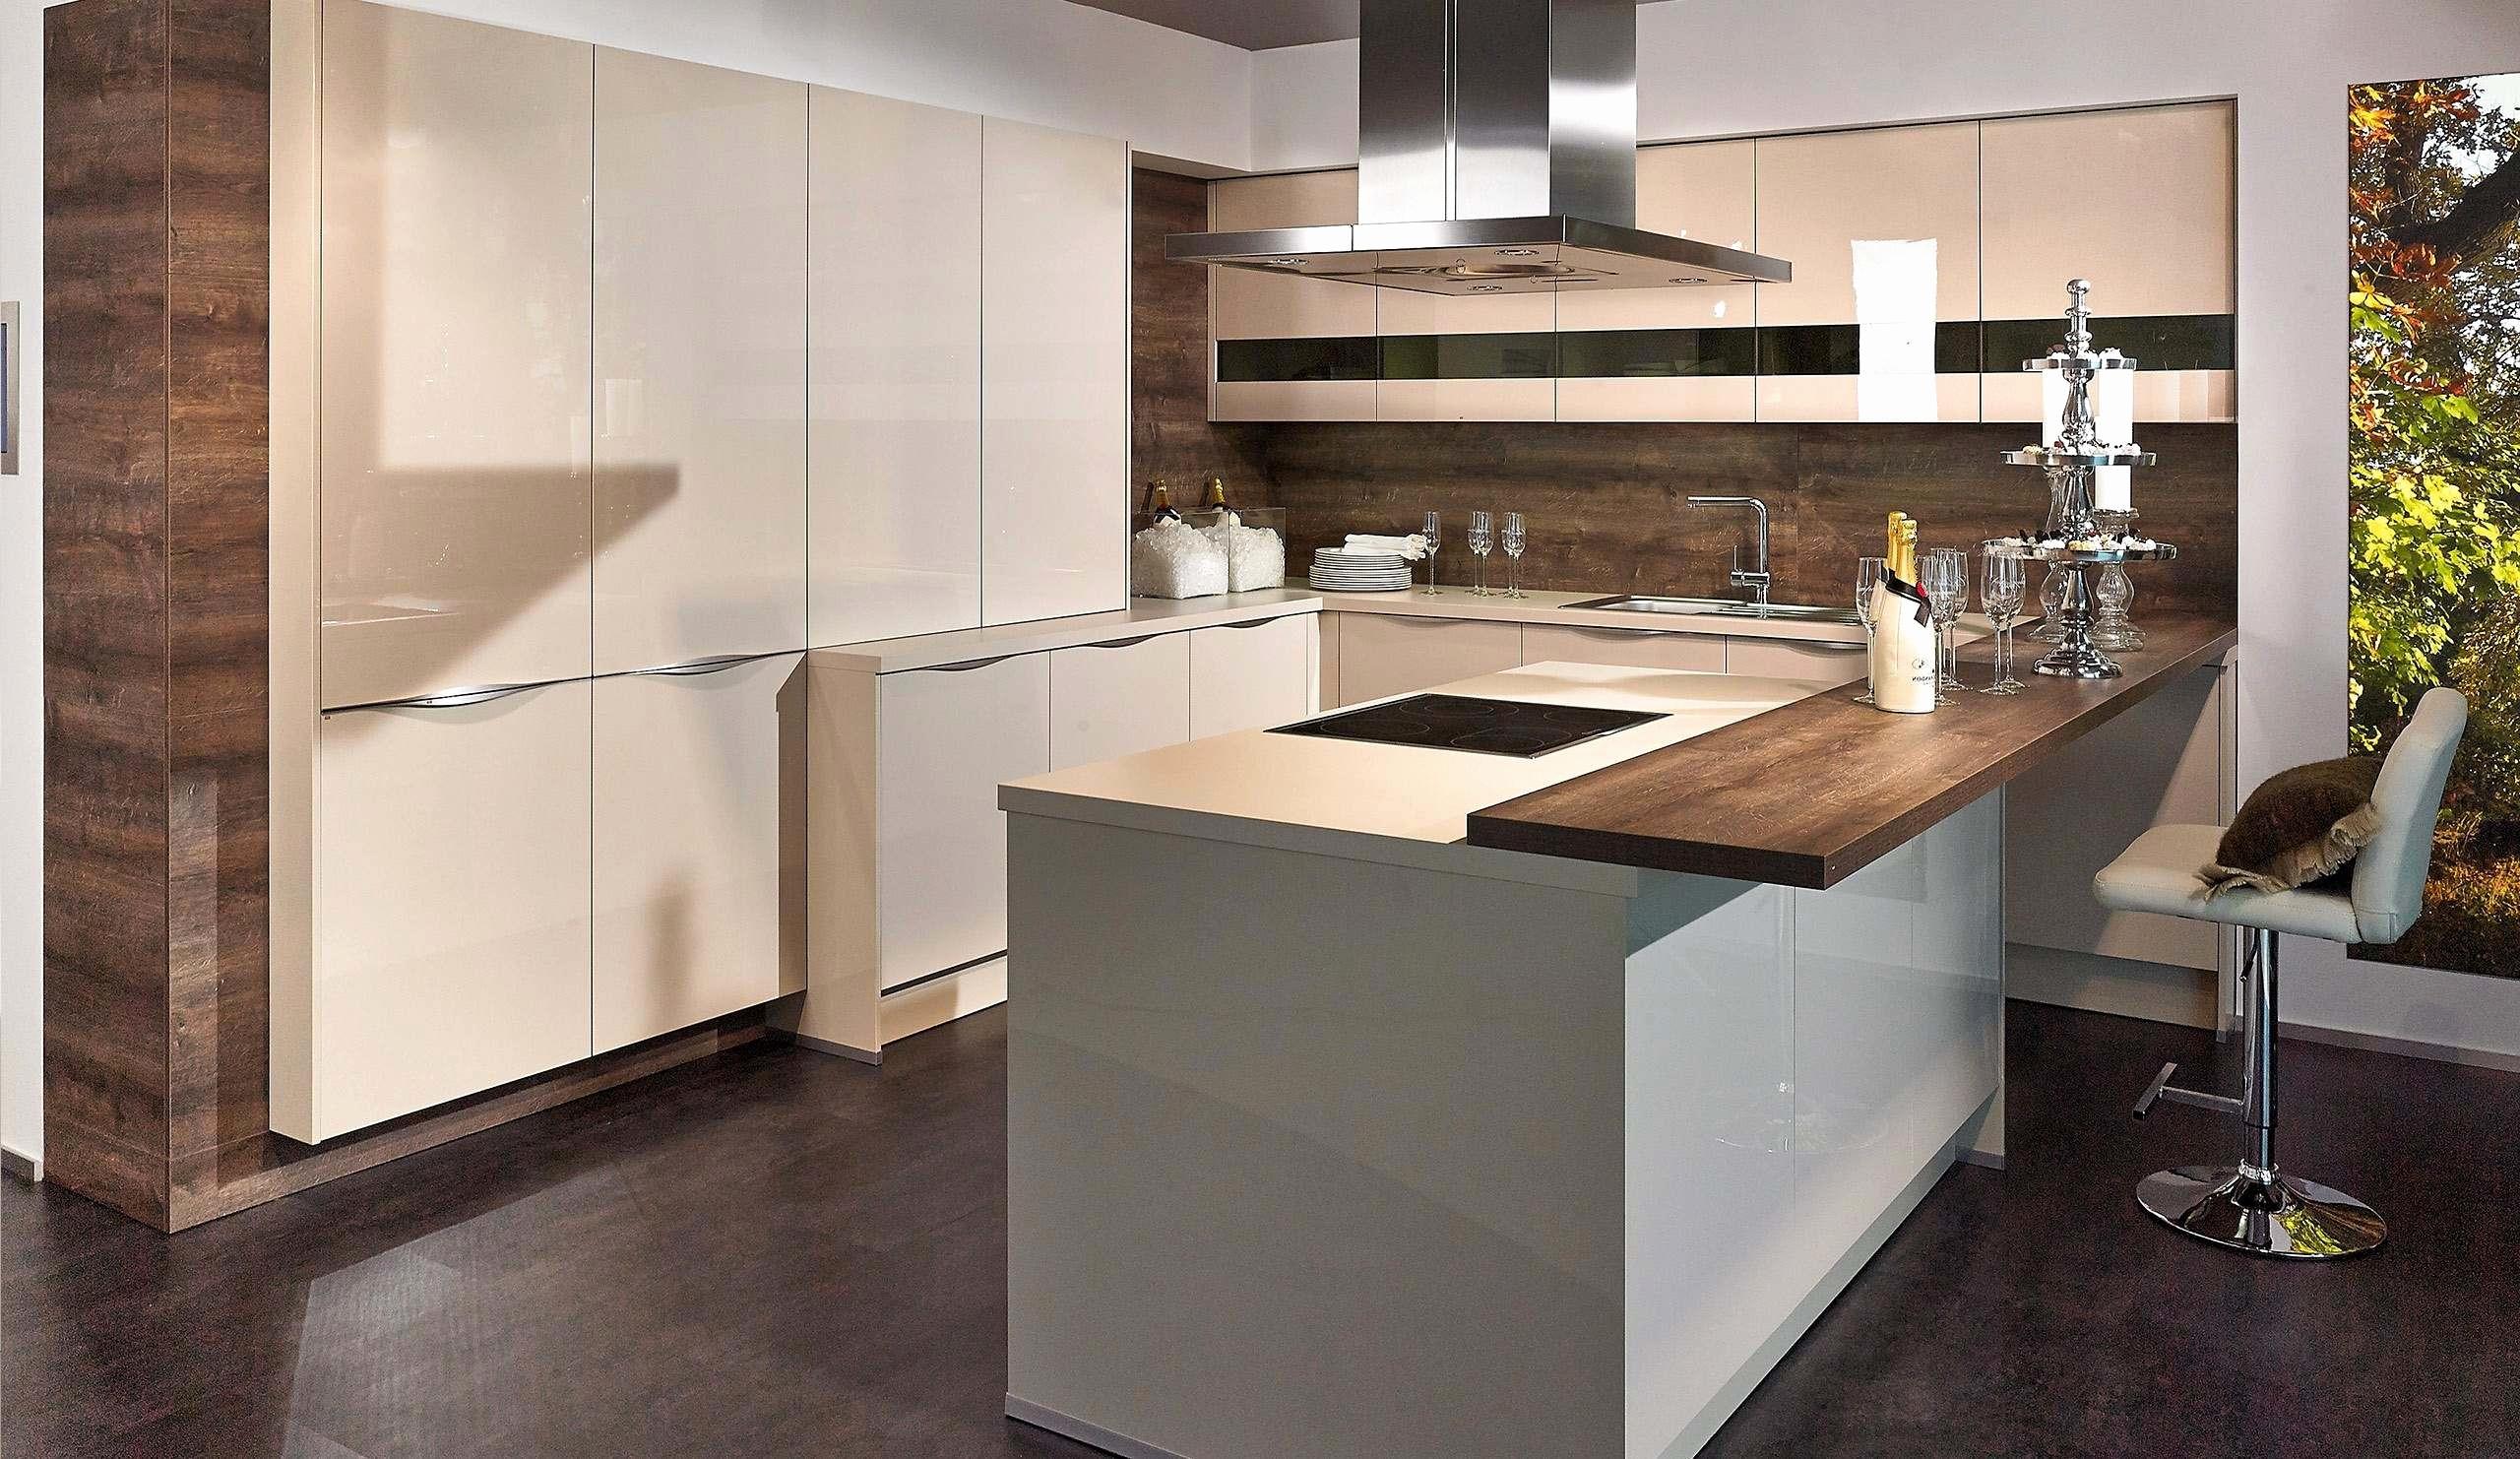 Full Size of Küchentapeten Kuchen Tapeten Modern Wohnzimmer Küchentapeten